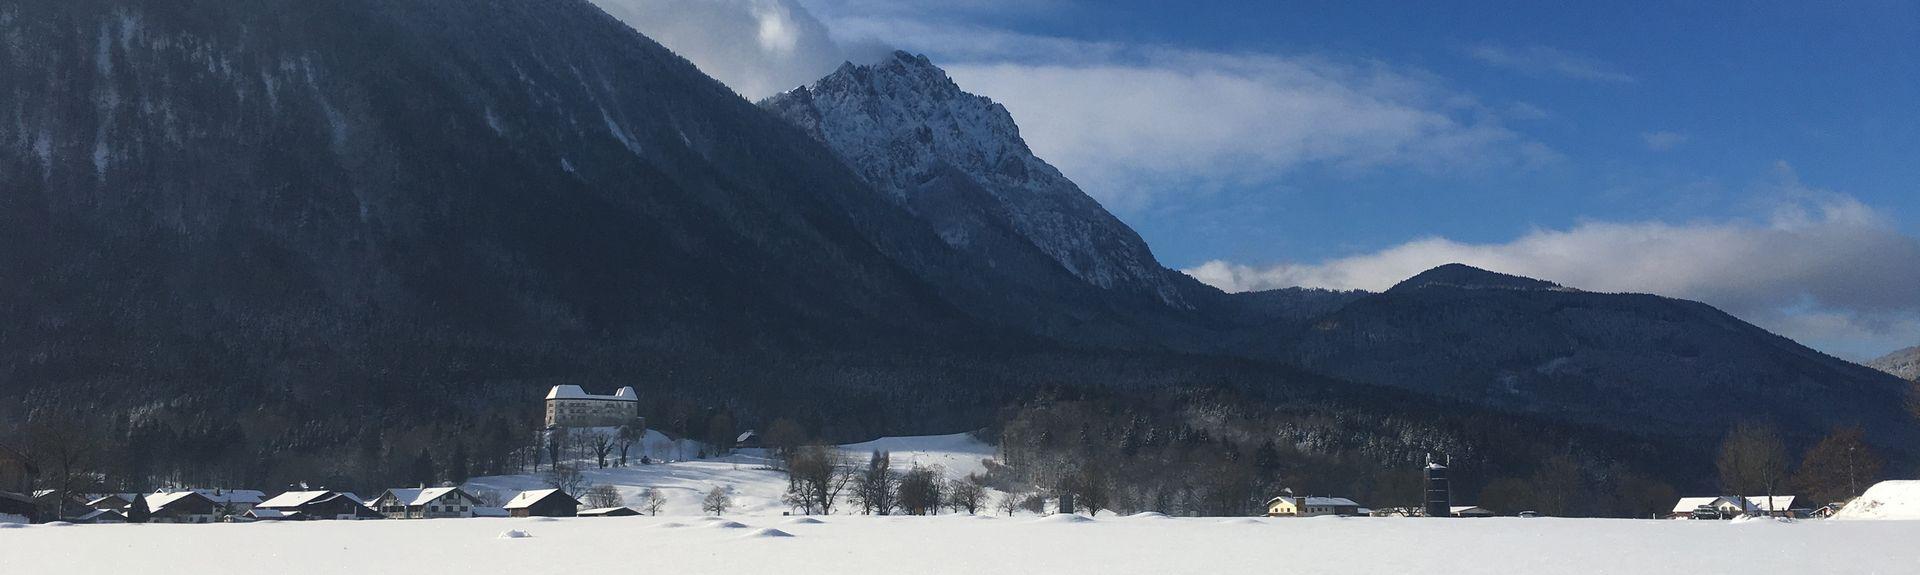 Pidingerau, Piding, Baviera, Germania